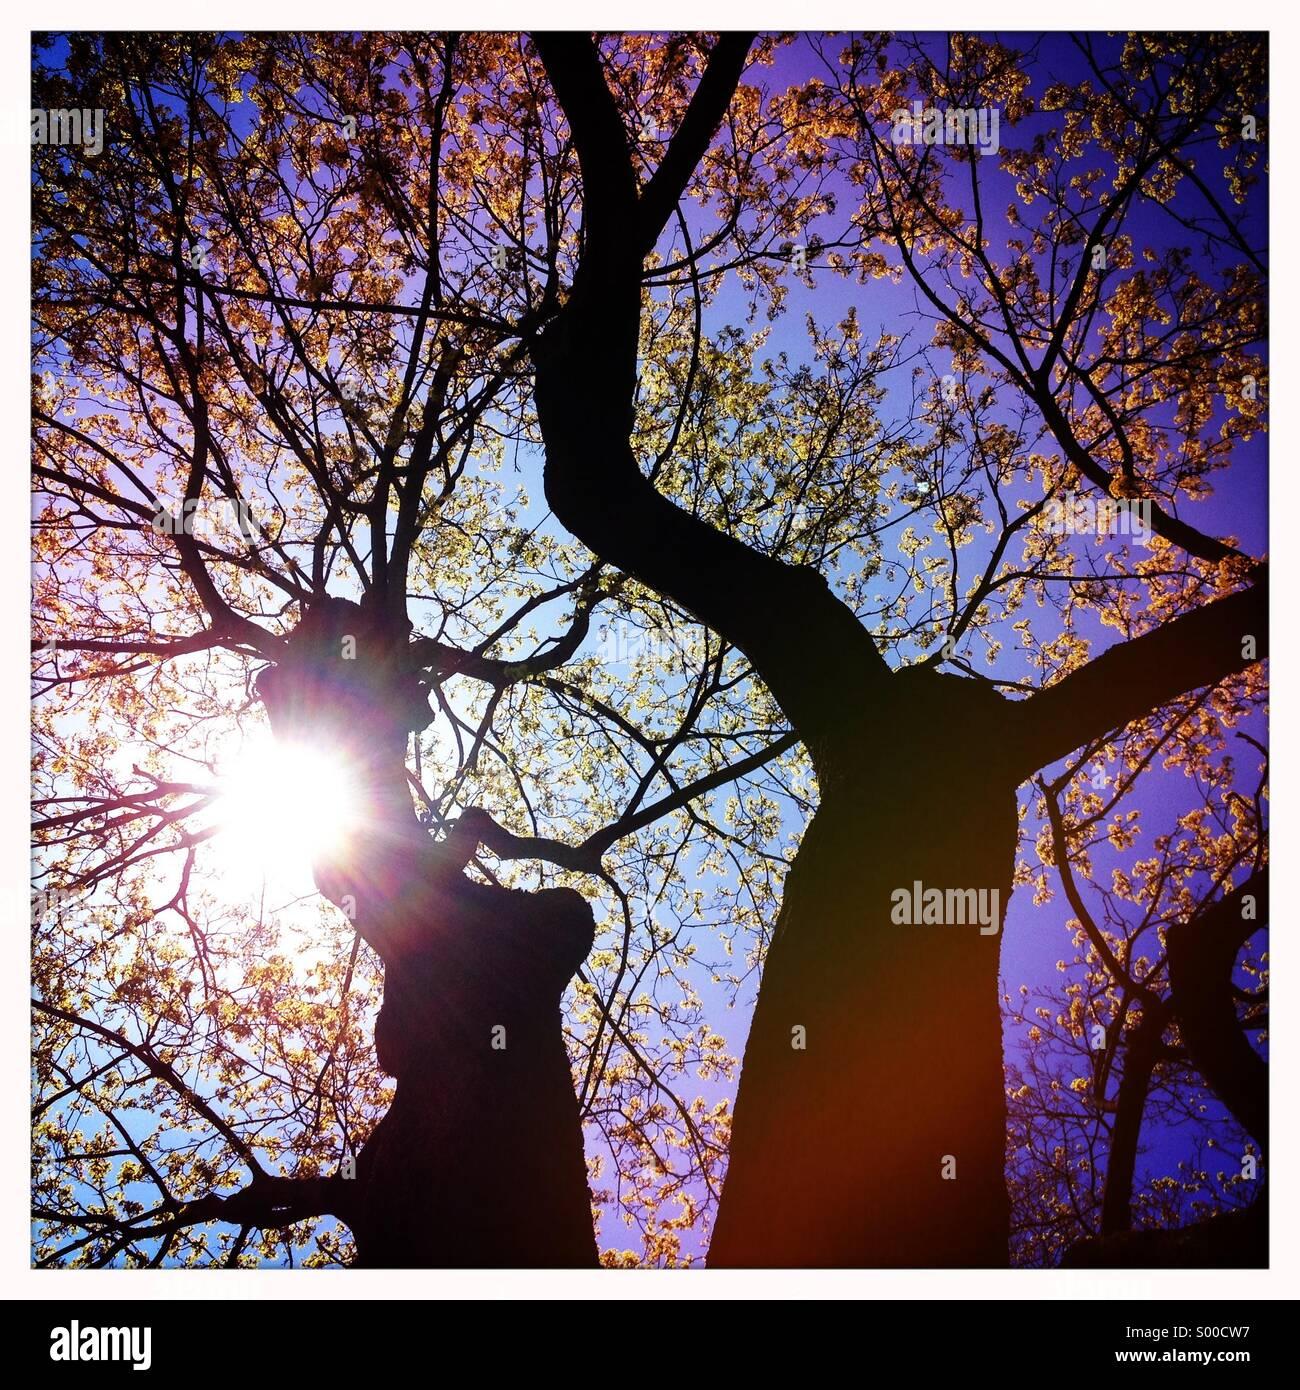 Albero con foglie giovani in sole di primavera Immagini Stock